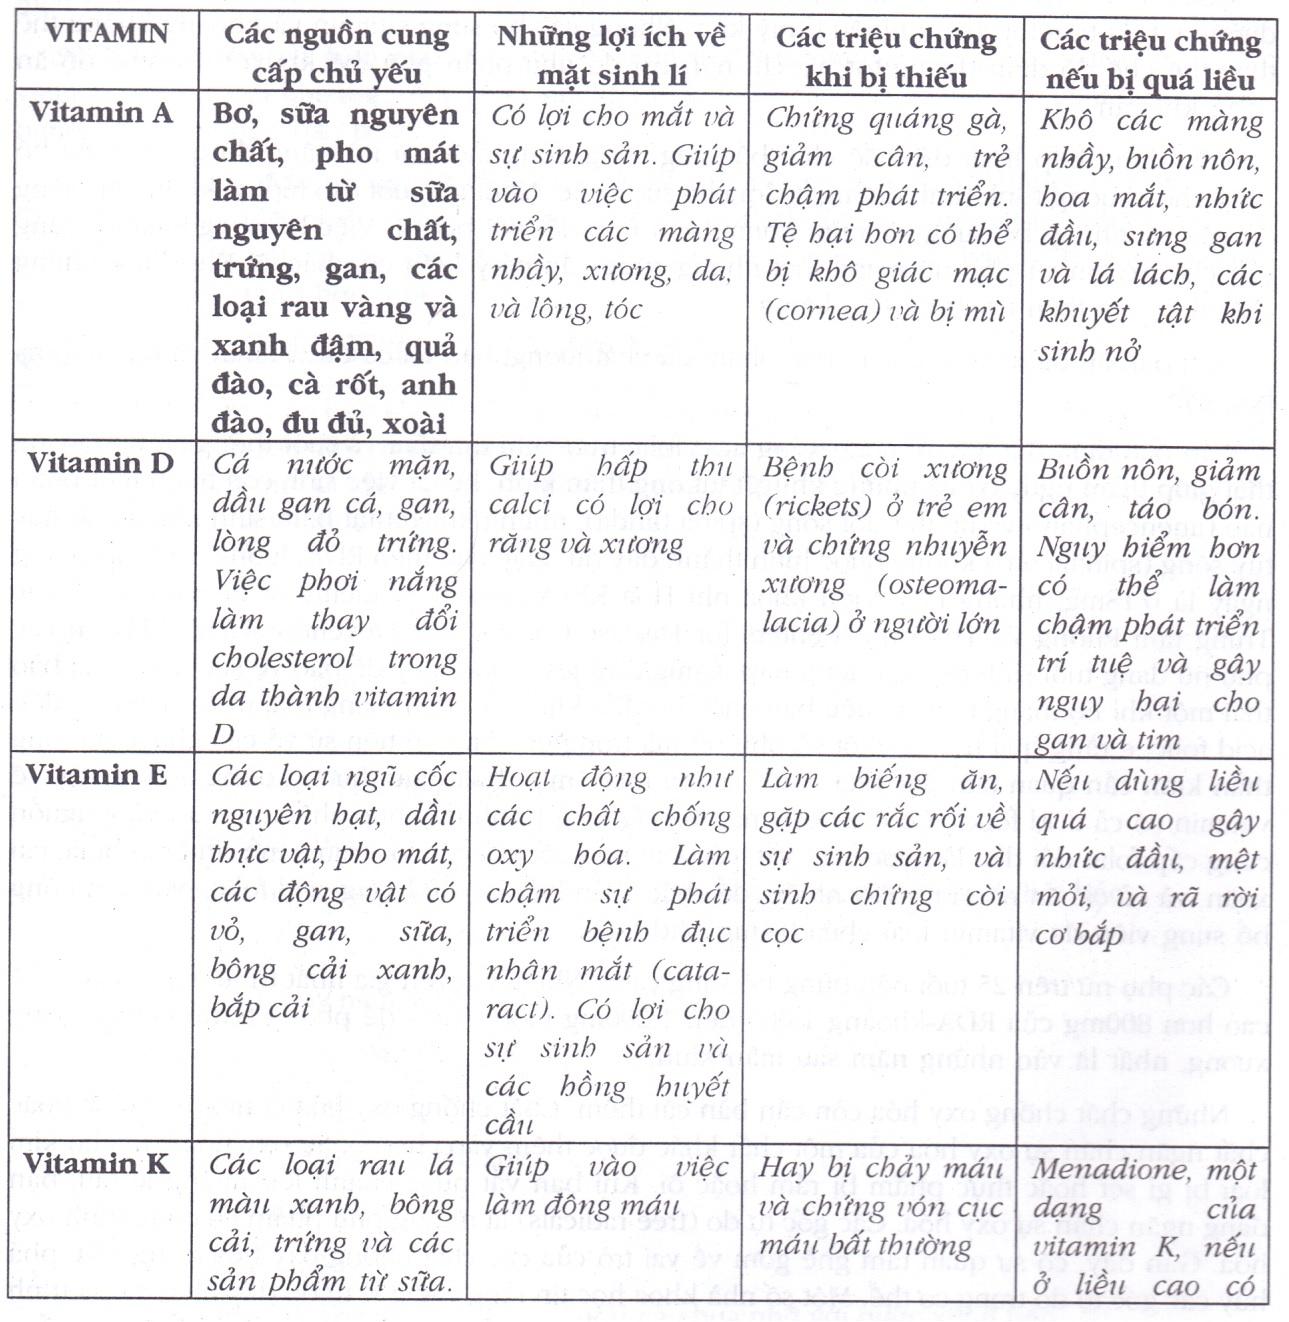 Danh sách và lợi ích của Vitamin với cơ thể